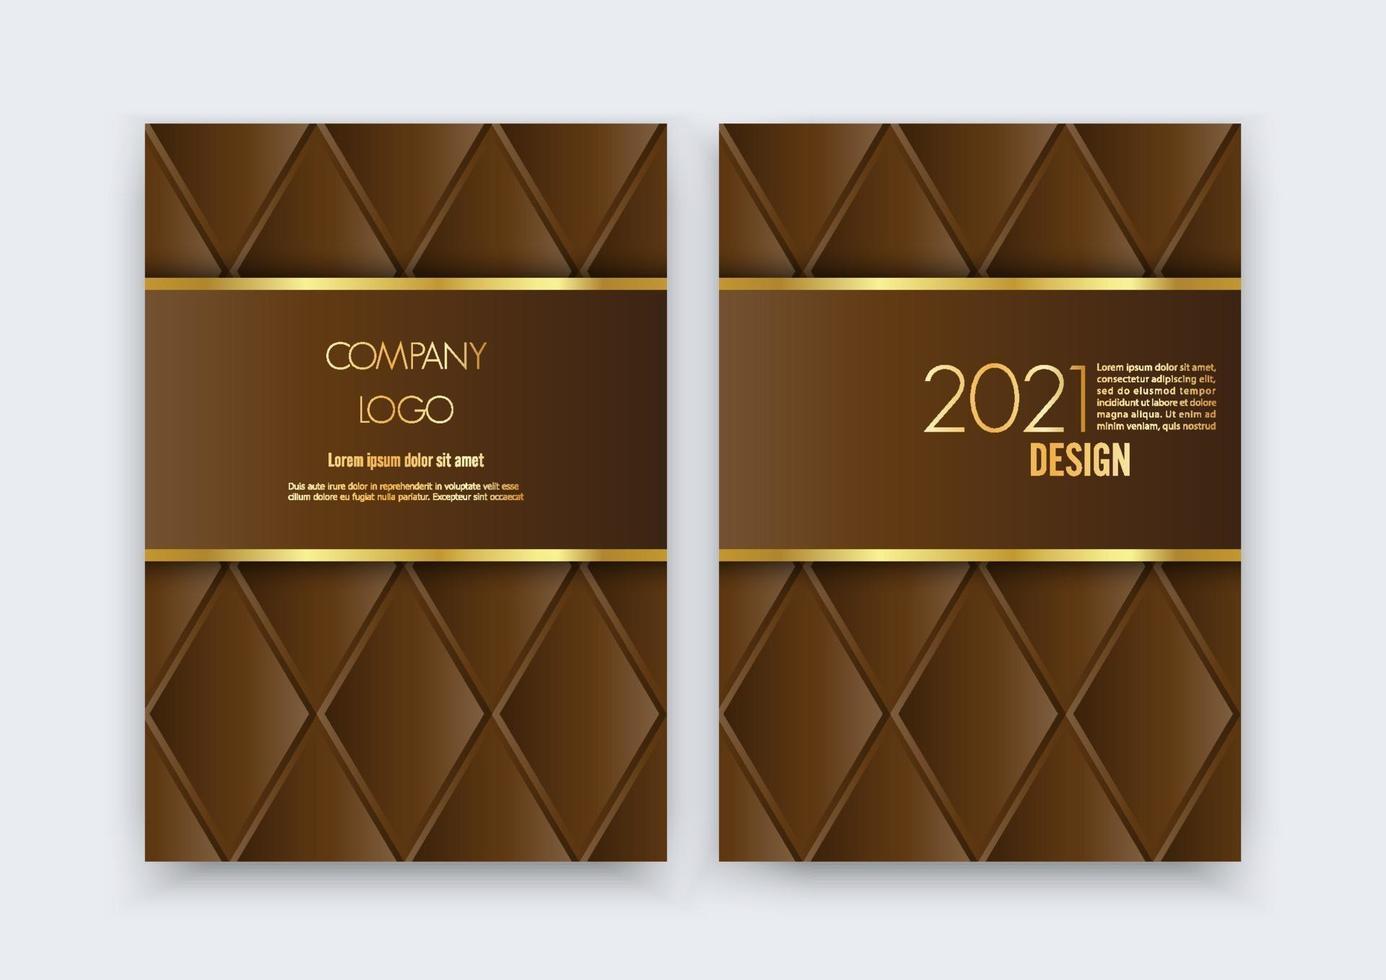 Fondo de diseño premium de lujo. plantilla de folleto. se puede utilizar para portada de revista, maqueta de negocios, educación, presentación. plantilla de tamaño a4 de folleto de negocios. vector